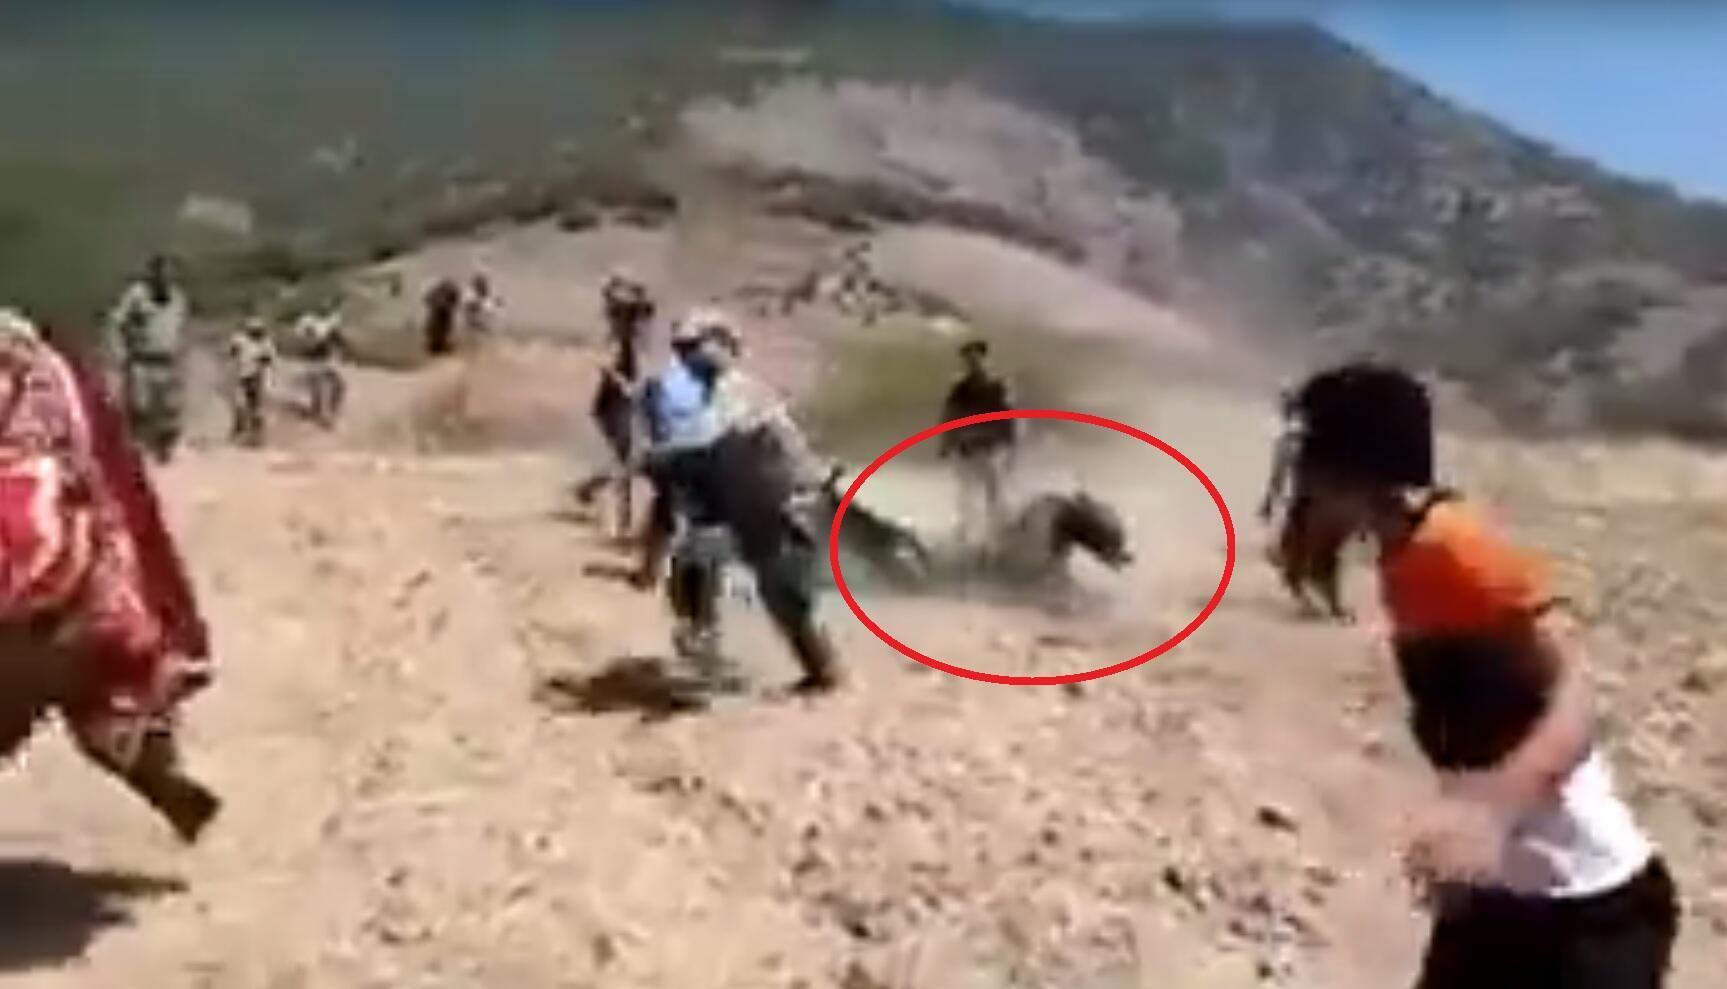 Cet ours était, selon la version officielle des gardes-forestiers iraniens de la province du Golestan, mort de maladie. Une vidéo amateur a révélé qu'il avait en fait été tué par ces derniers.